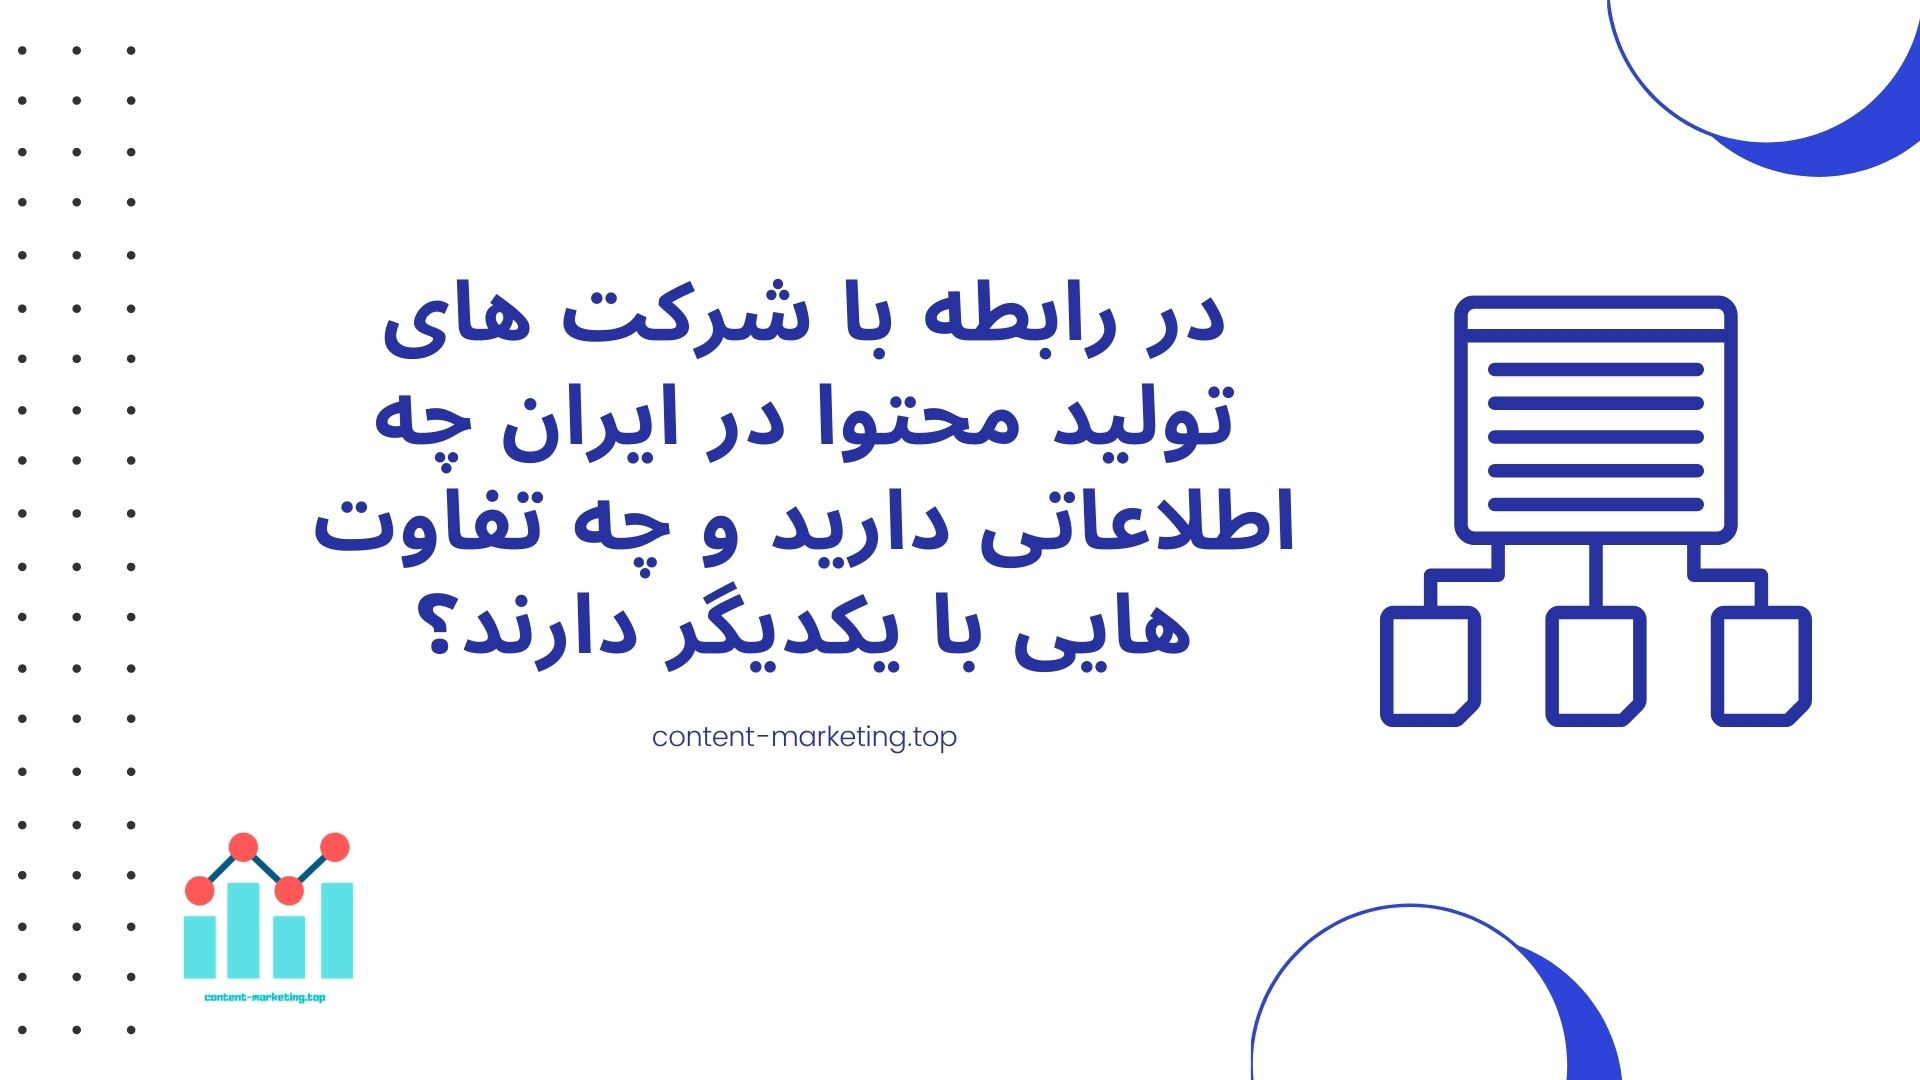 در رابطه با شرکت های تولید محتوا در ایران چه اطلاعاتی دارید و چه تفاوت هایی با یکدیگر دارند؟